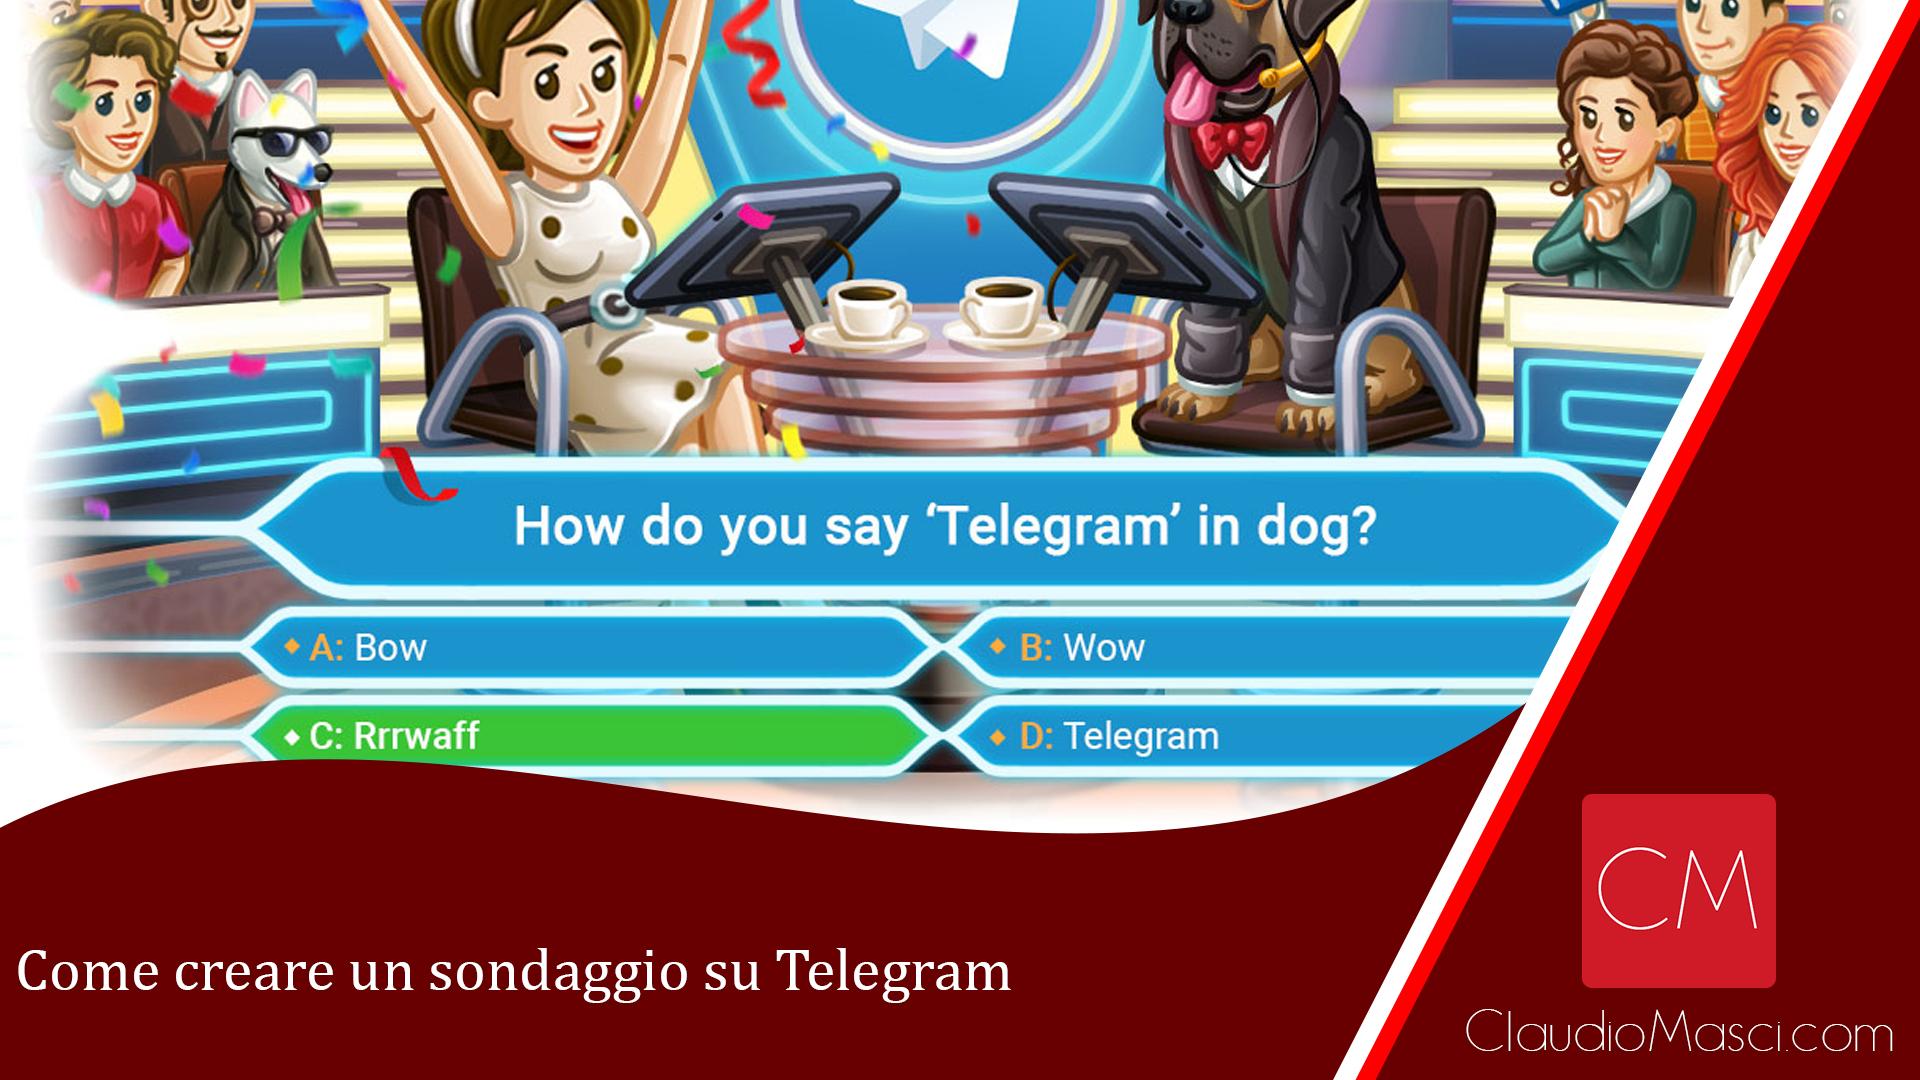 Come creare un sondaggio su Telegram